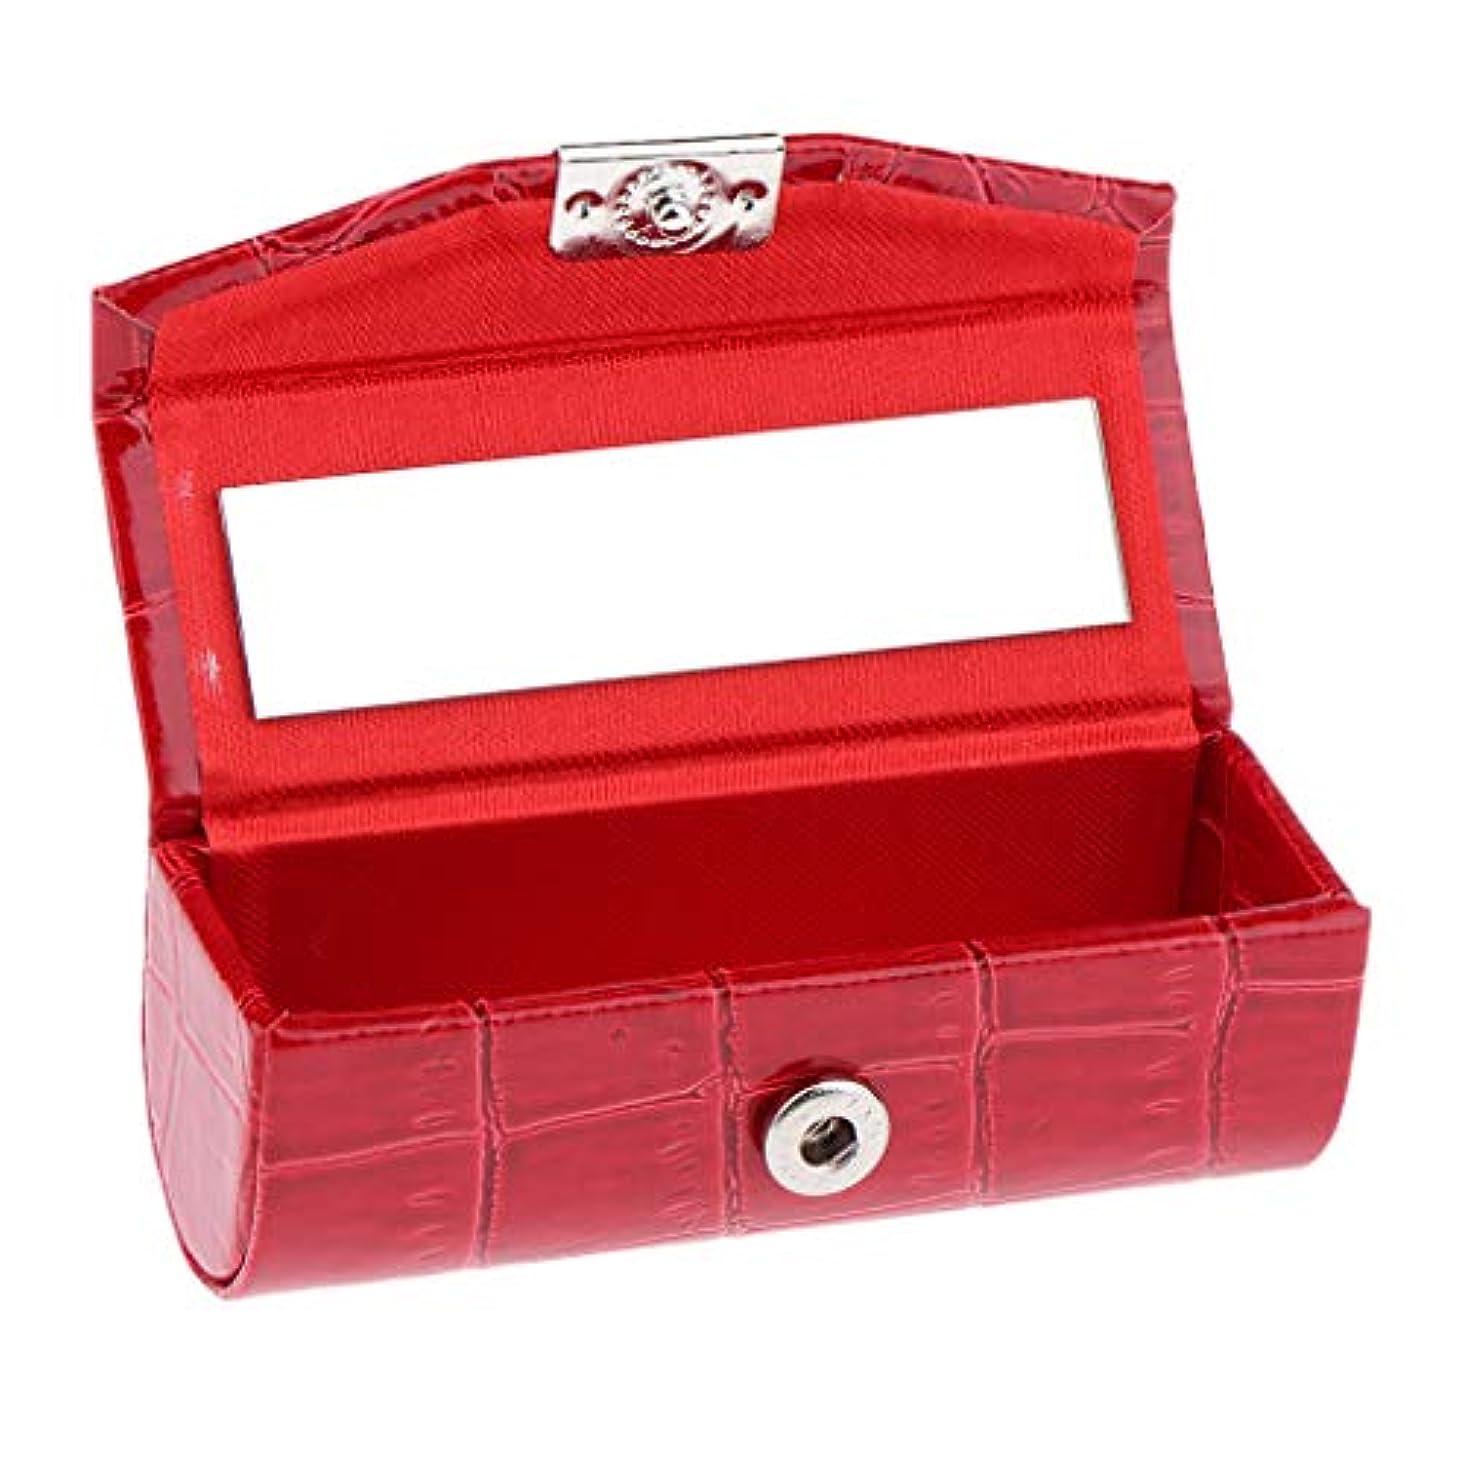 医薬深遠一時的IPOTCH レザー リップスティックケース 口紅ホルダー ミラー 収納ボックス 多色選べ - 赤